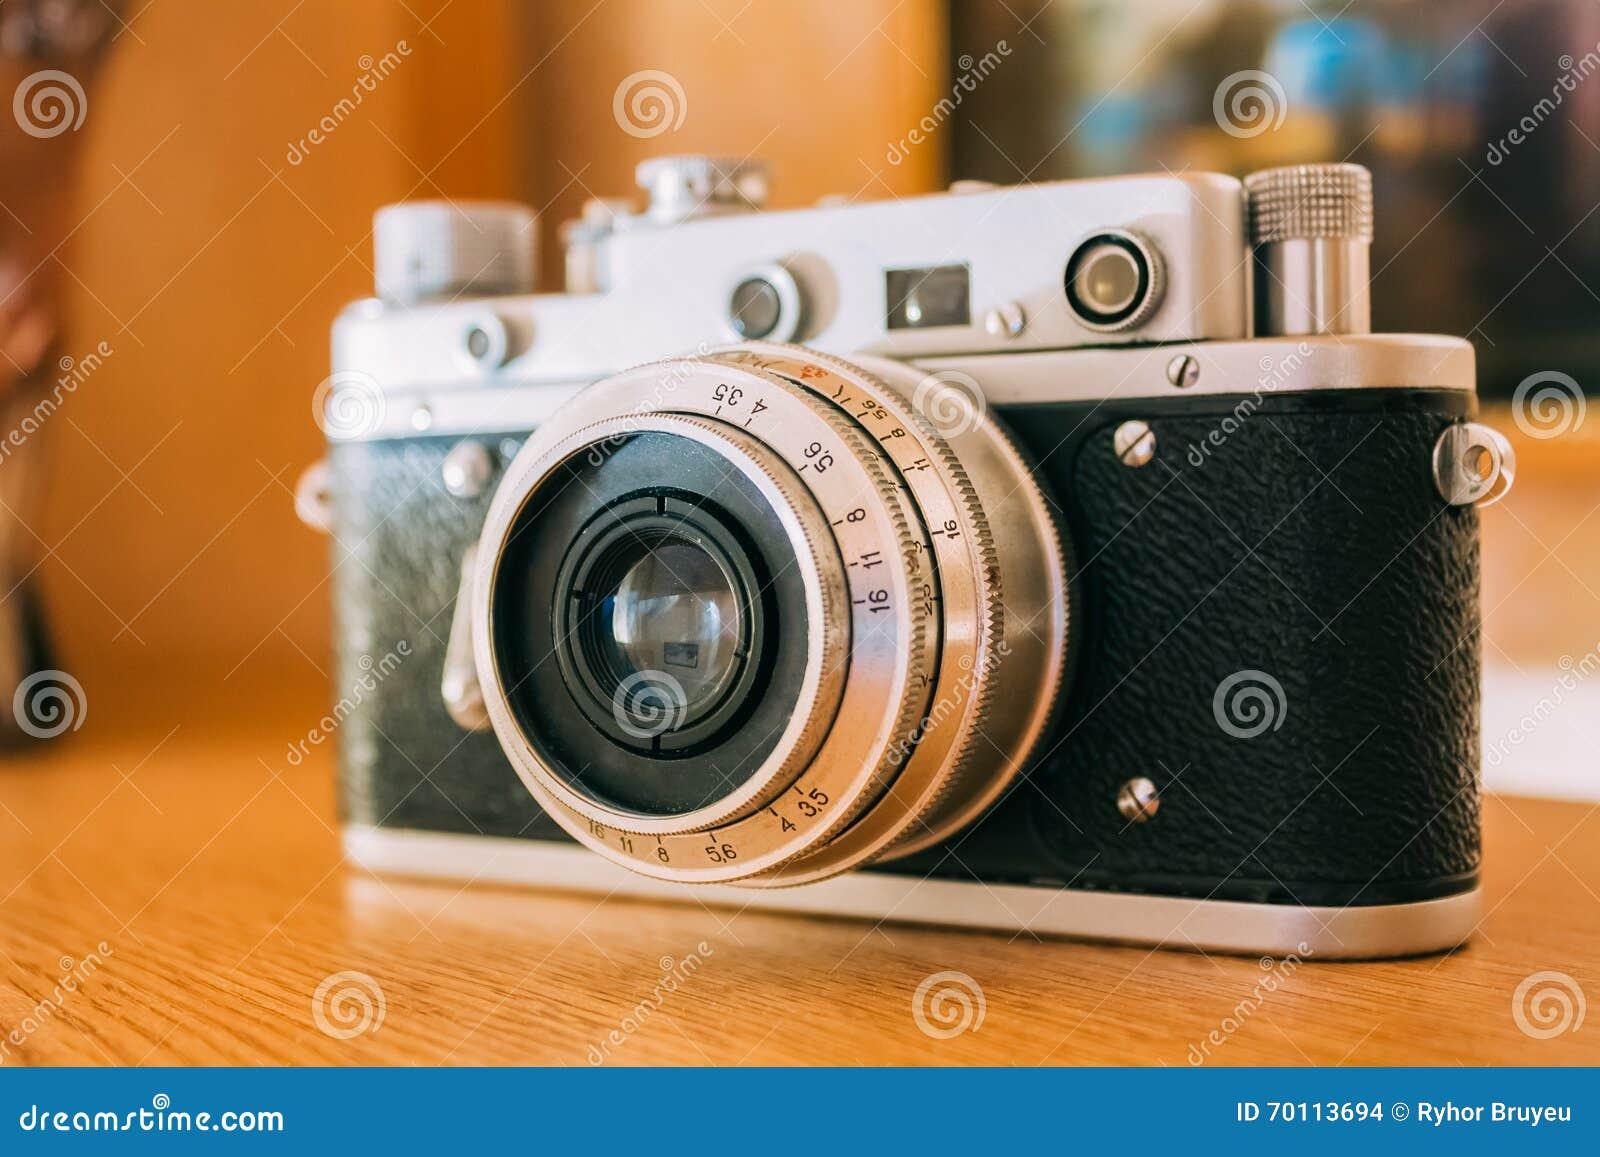 Entfernungsmesser Mit Rad : Alte weinlese klein format entfernungsmesser kamera s